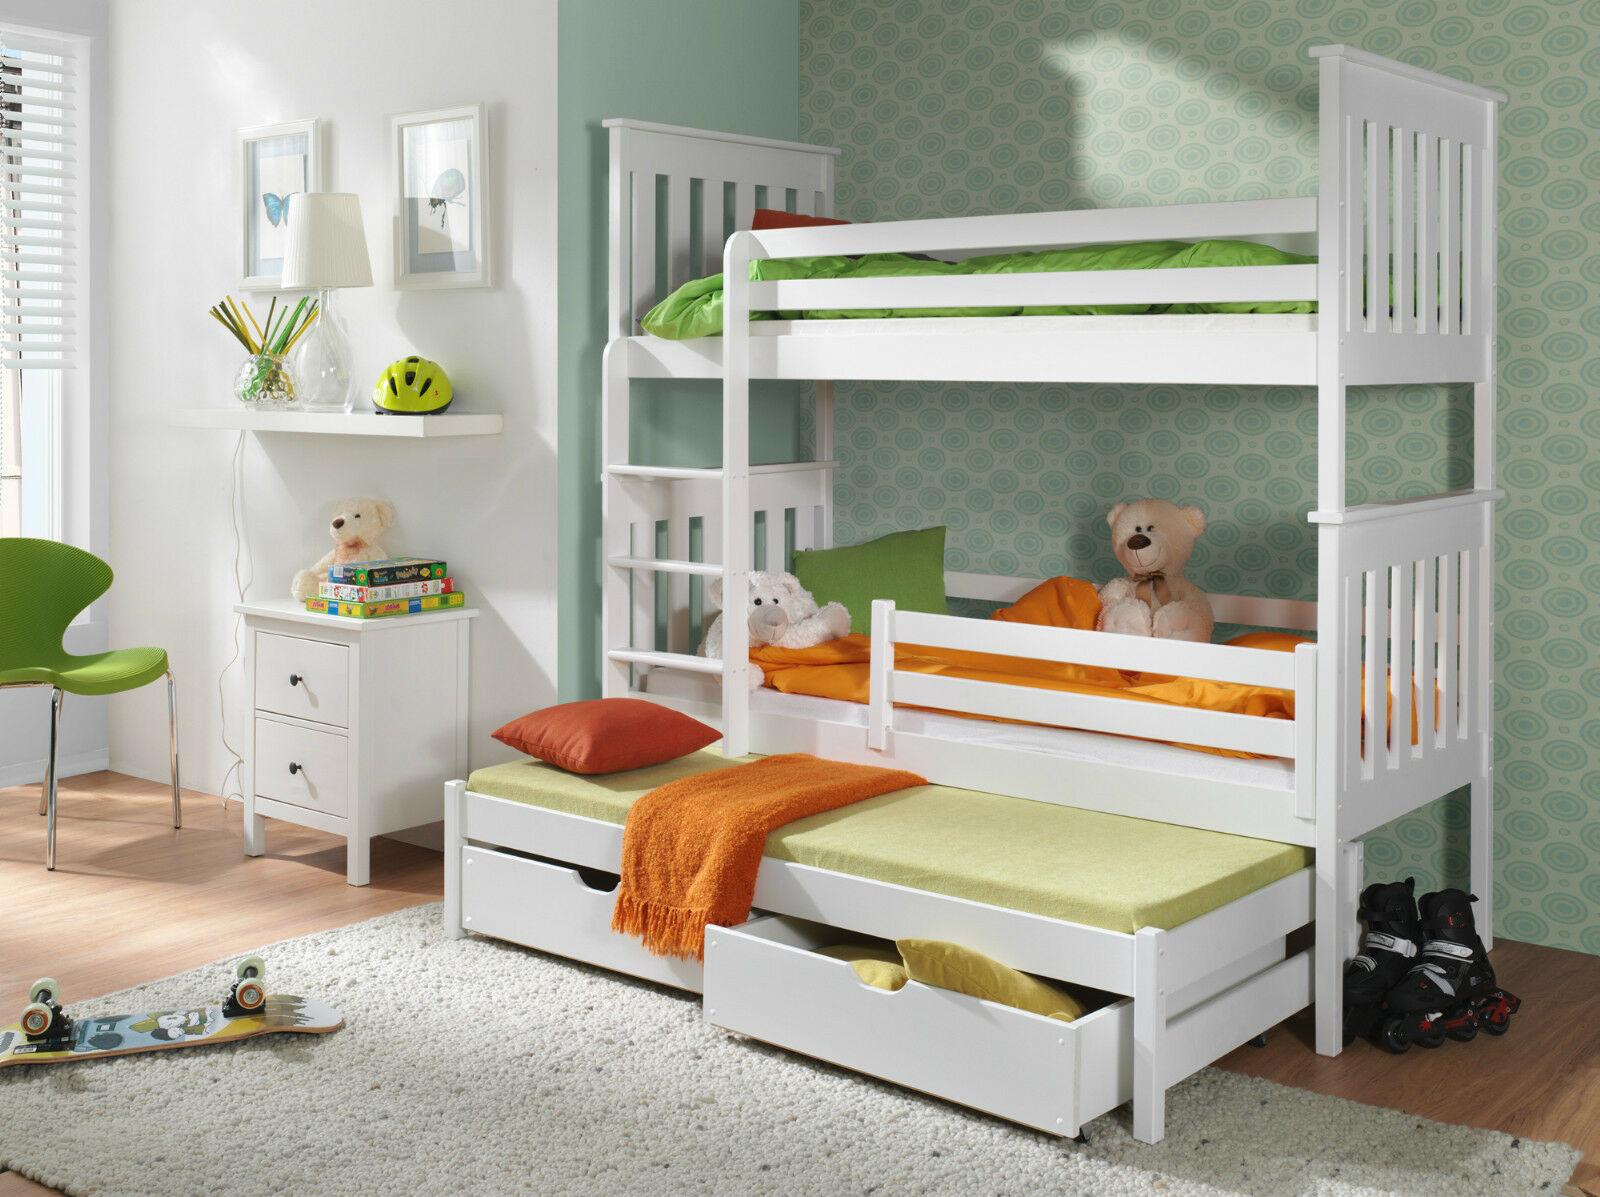 Etagenbett Doppelbett : Etagenbett doppelbett weiß lackiert kiefer massiv u ac in